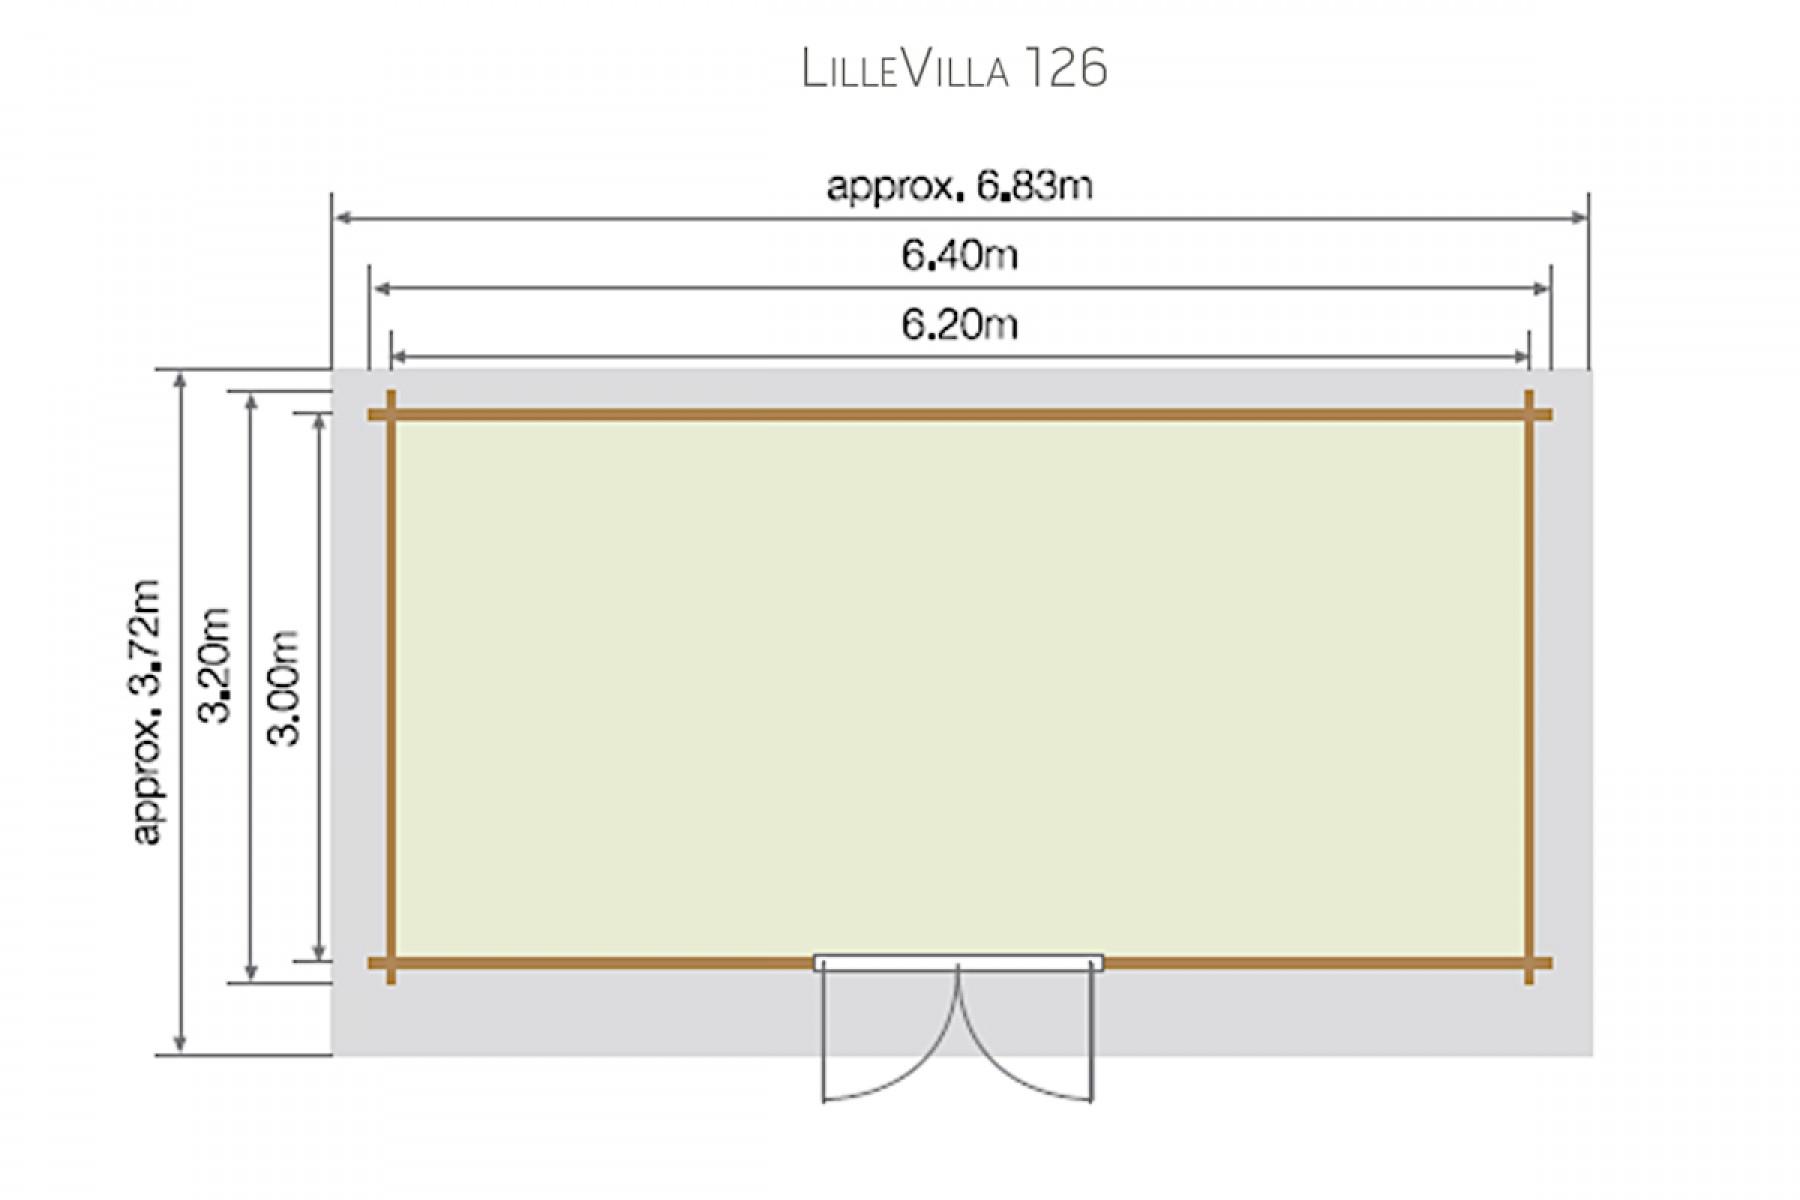 1624457057_Lillevilla 126 Floor Plan.jpg